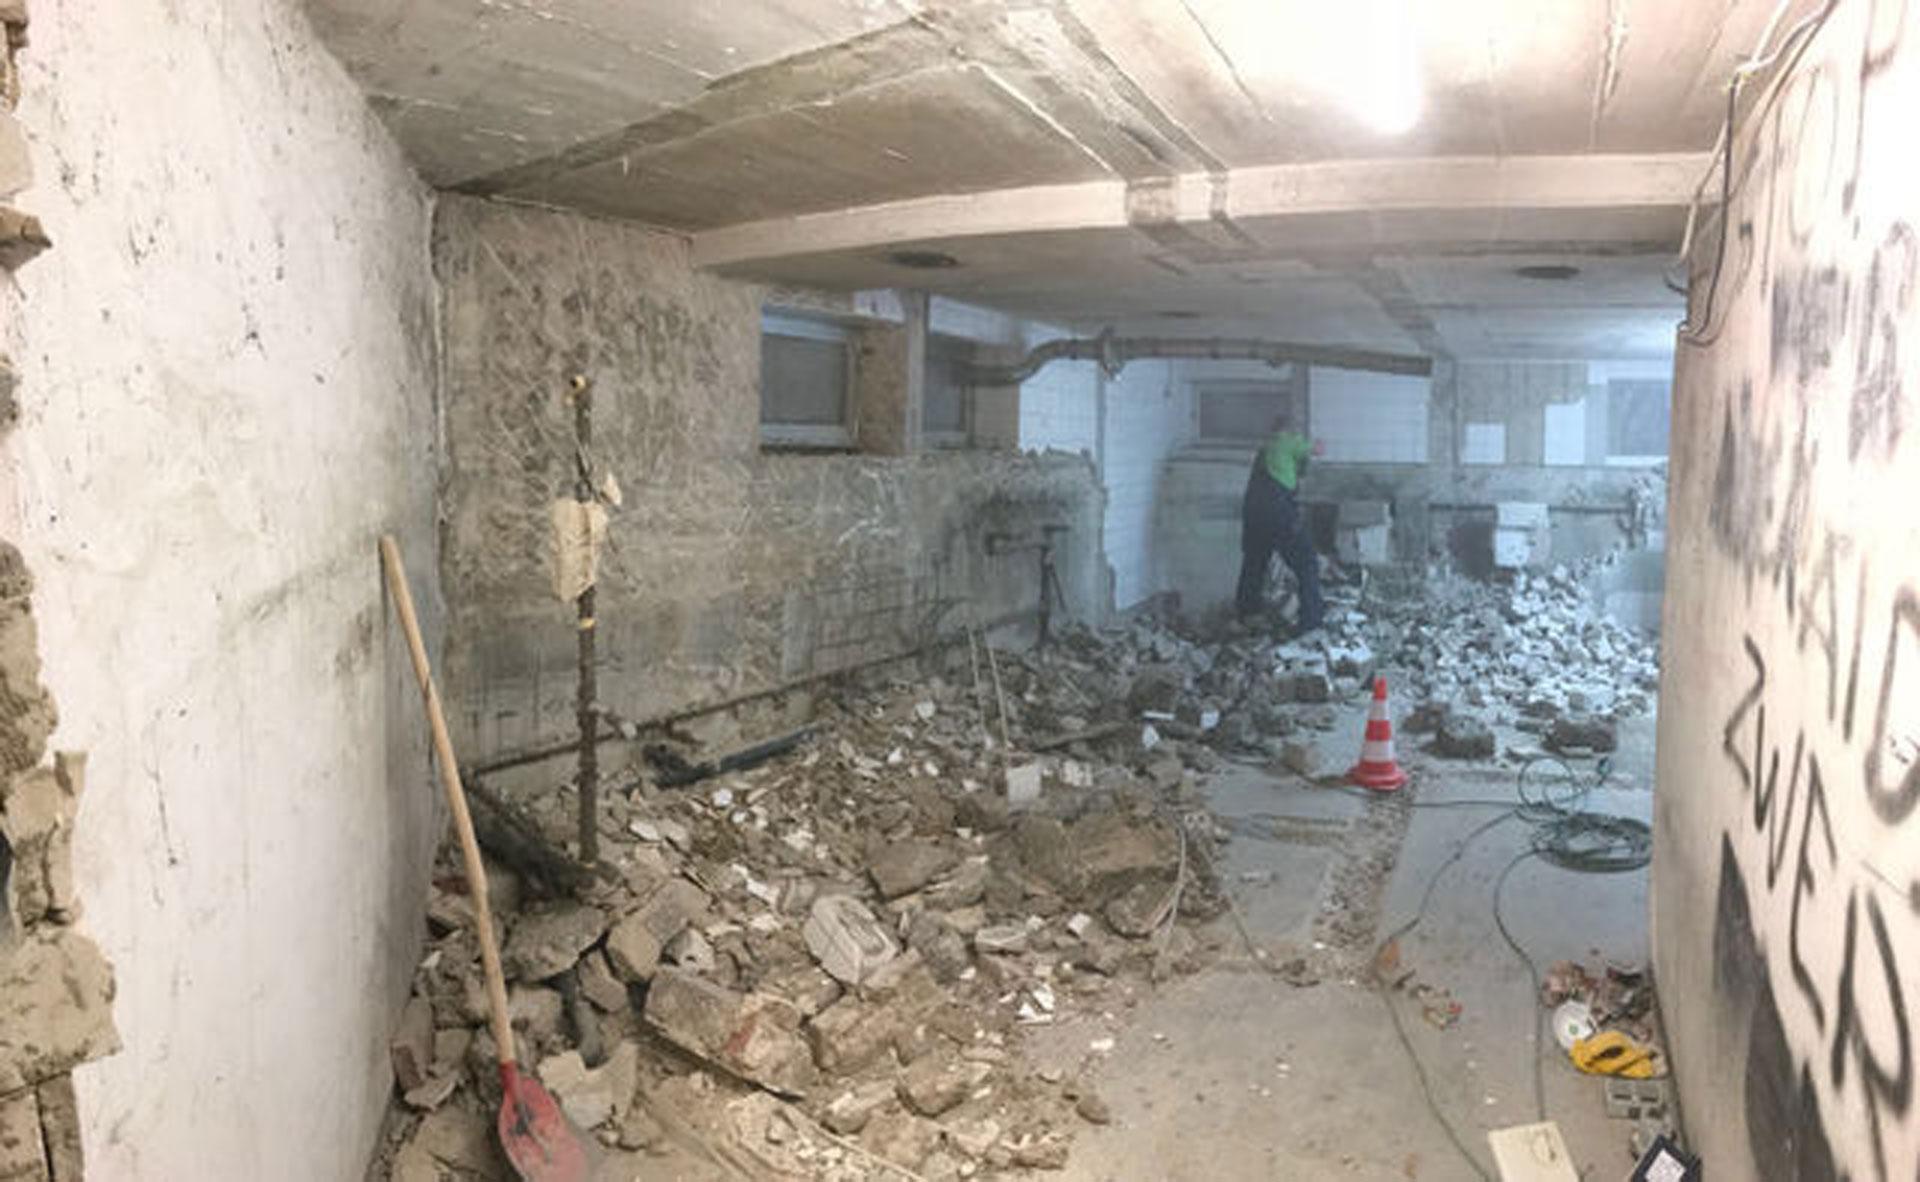 Über 6.000 schadhafte Stellen Beton sind im Rahmen der Arbeiten freigestemmt worden. © Chemicon